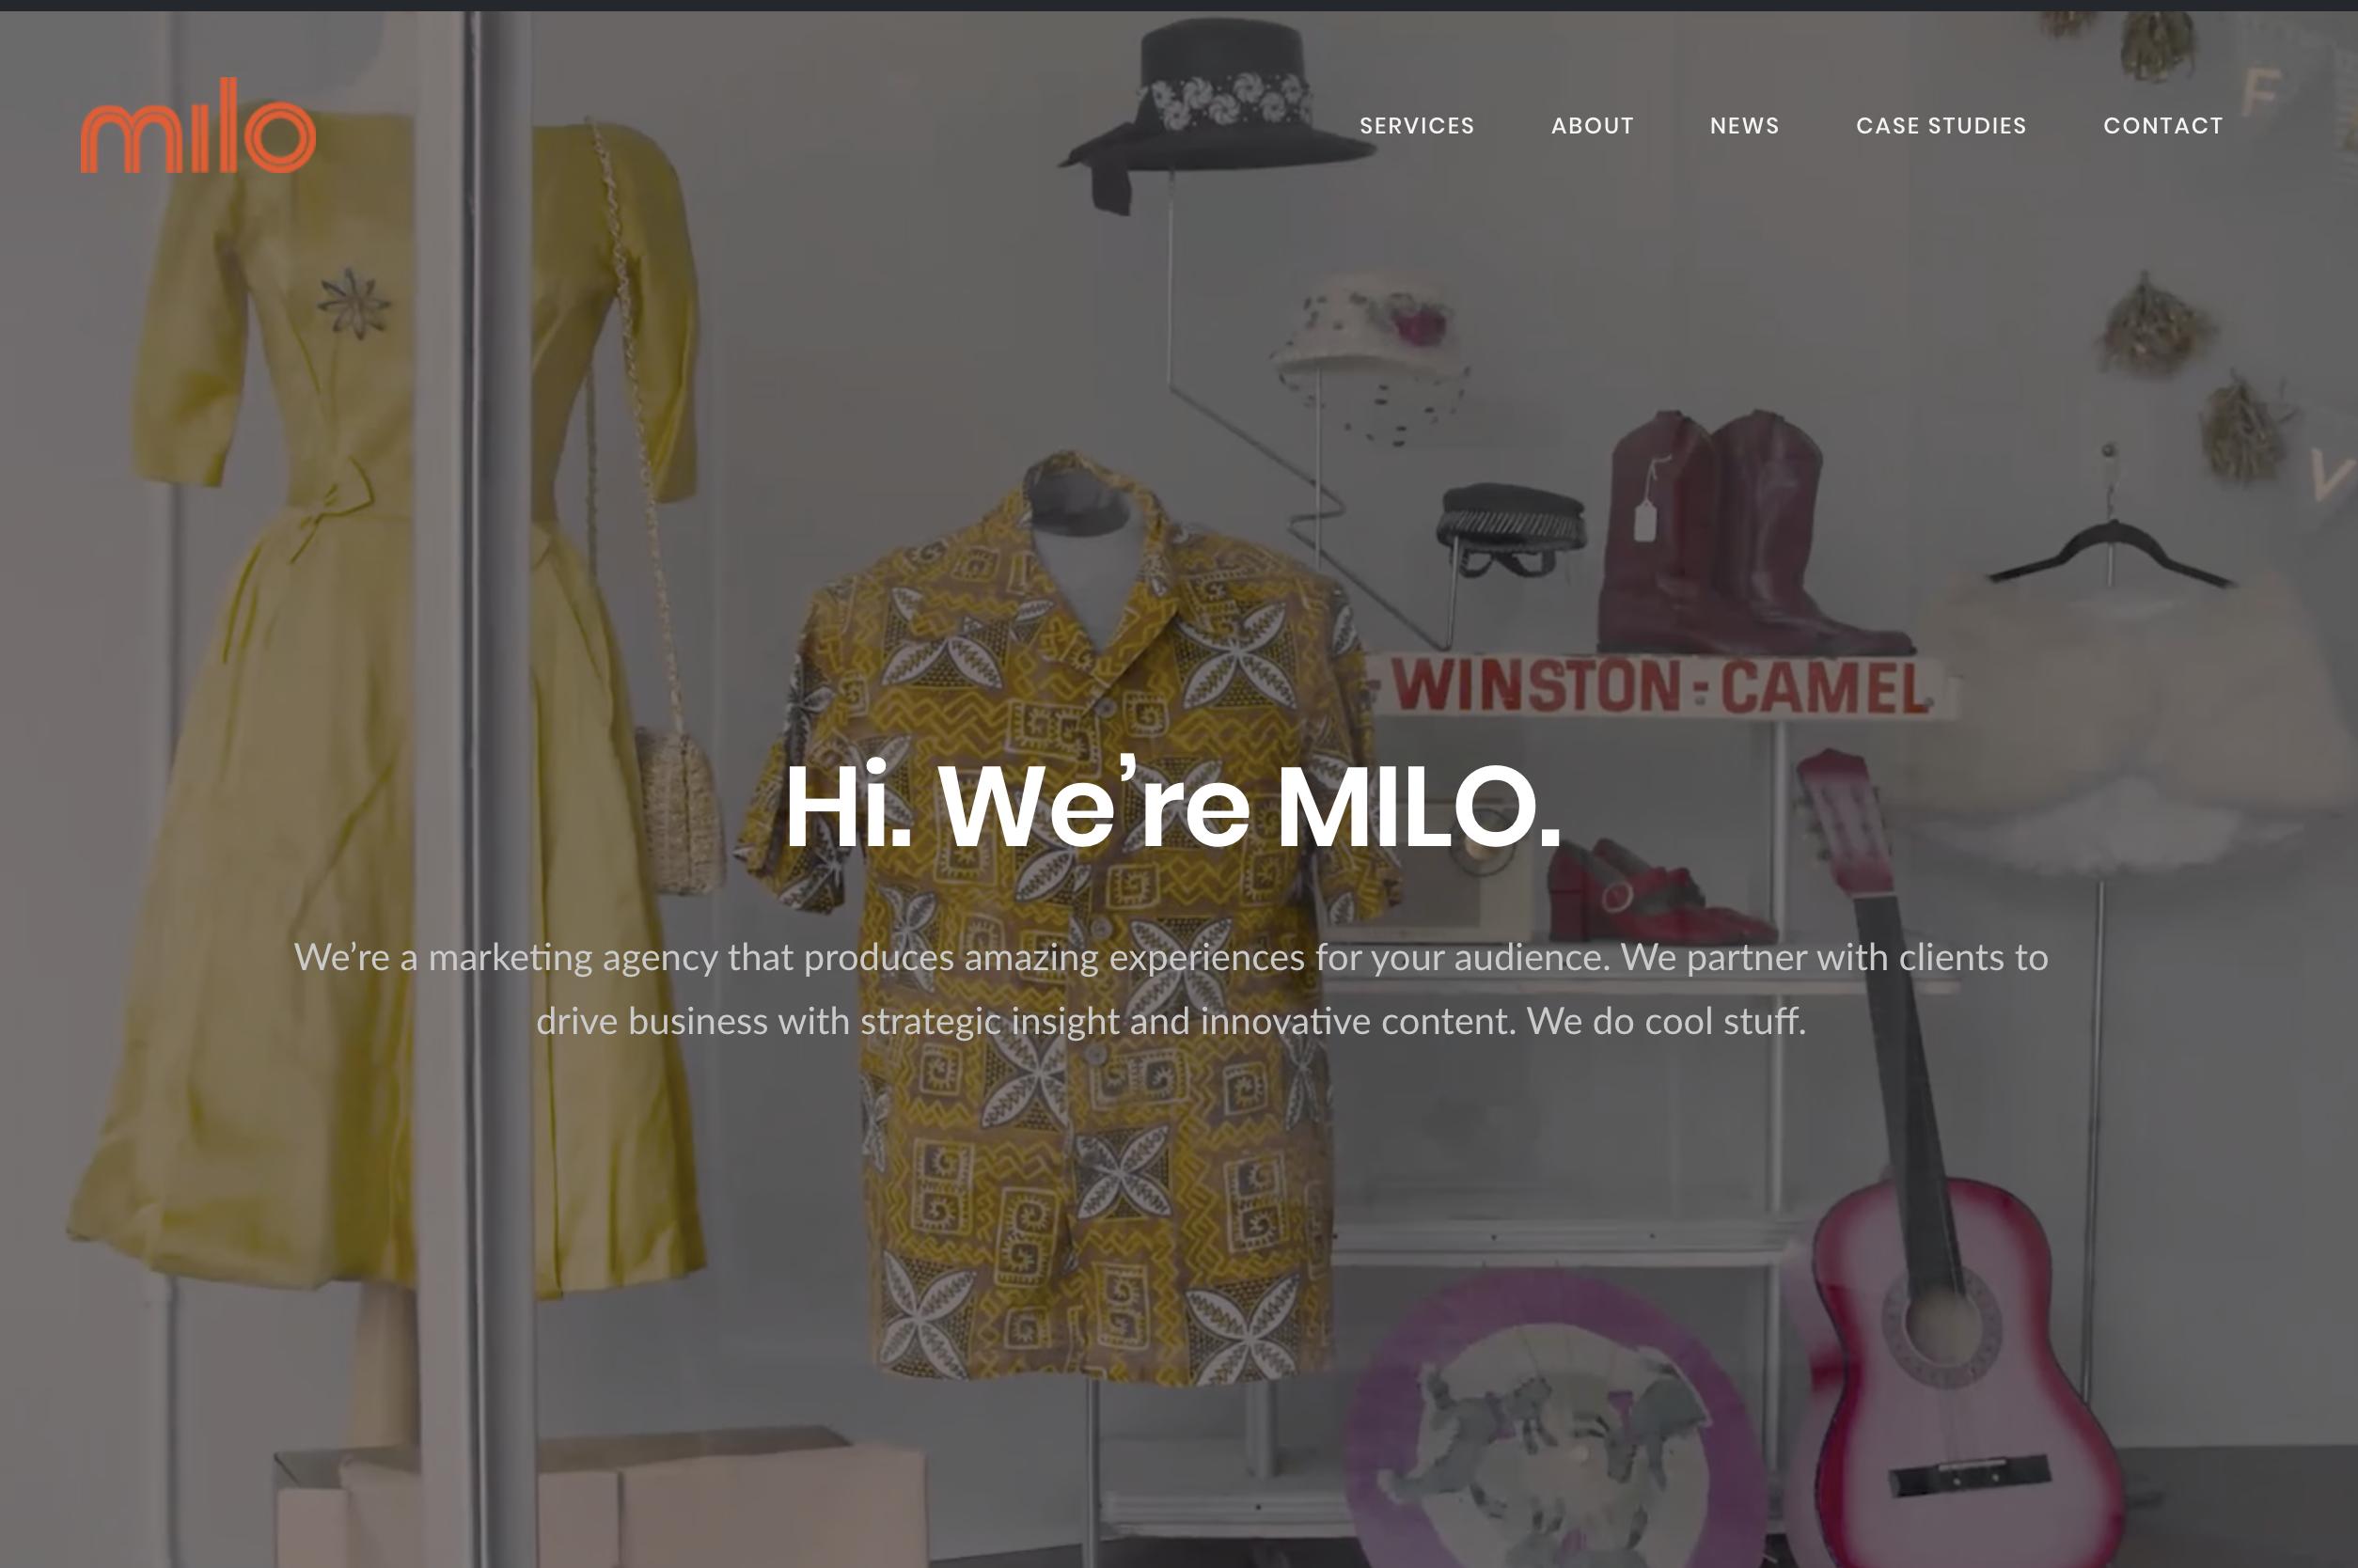 hi we're milo